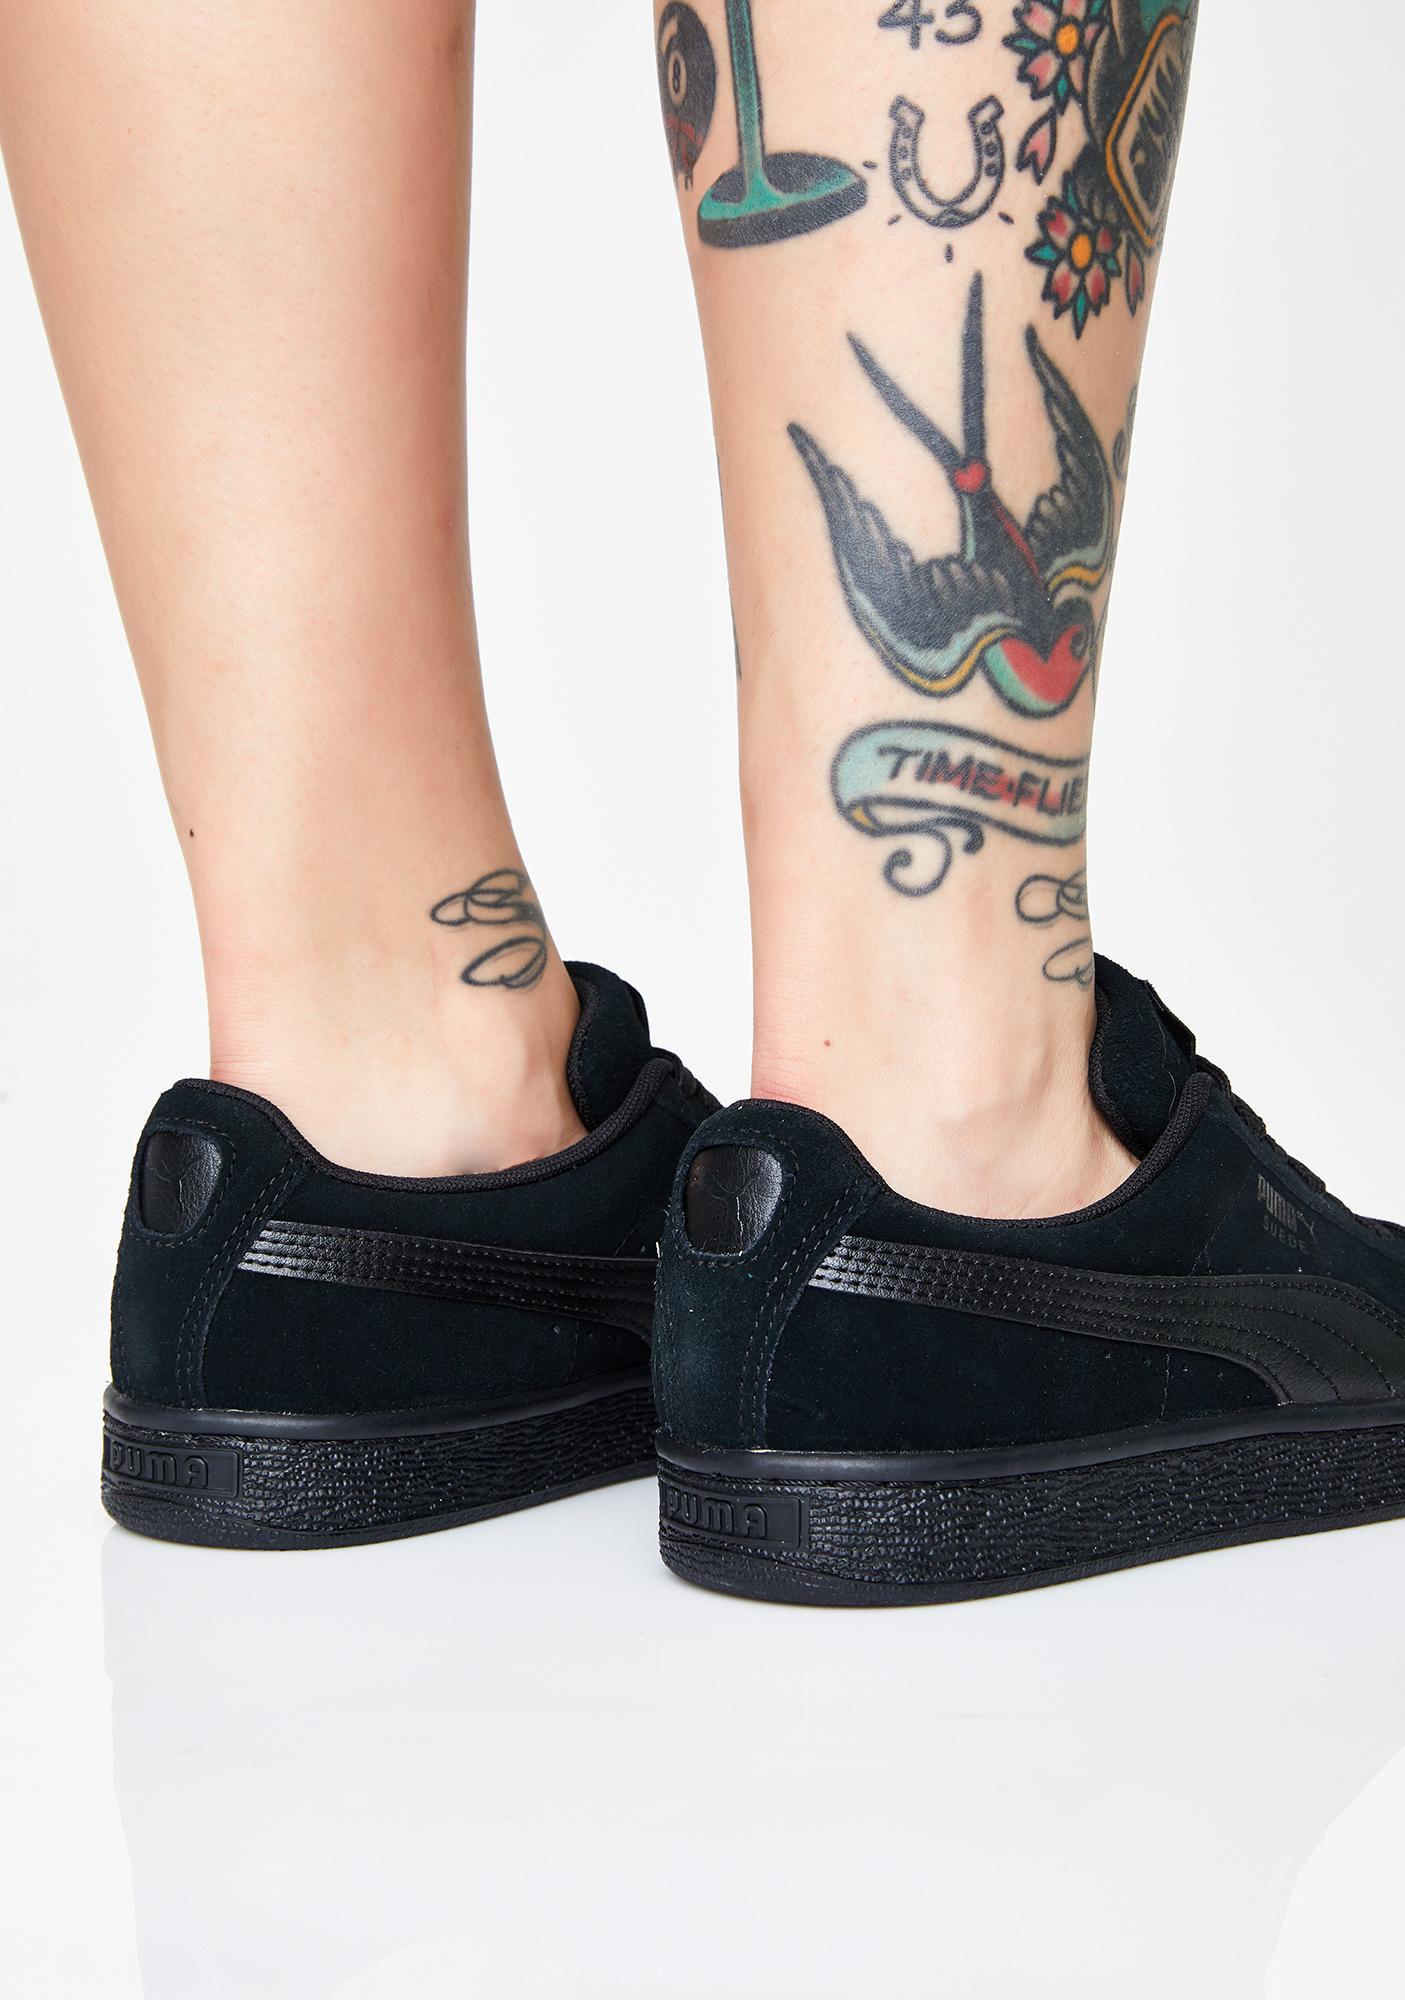 PUMA Suede Classic+ LFS Sneakers